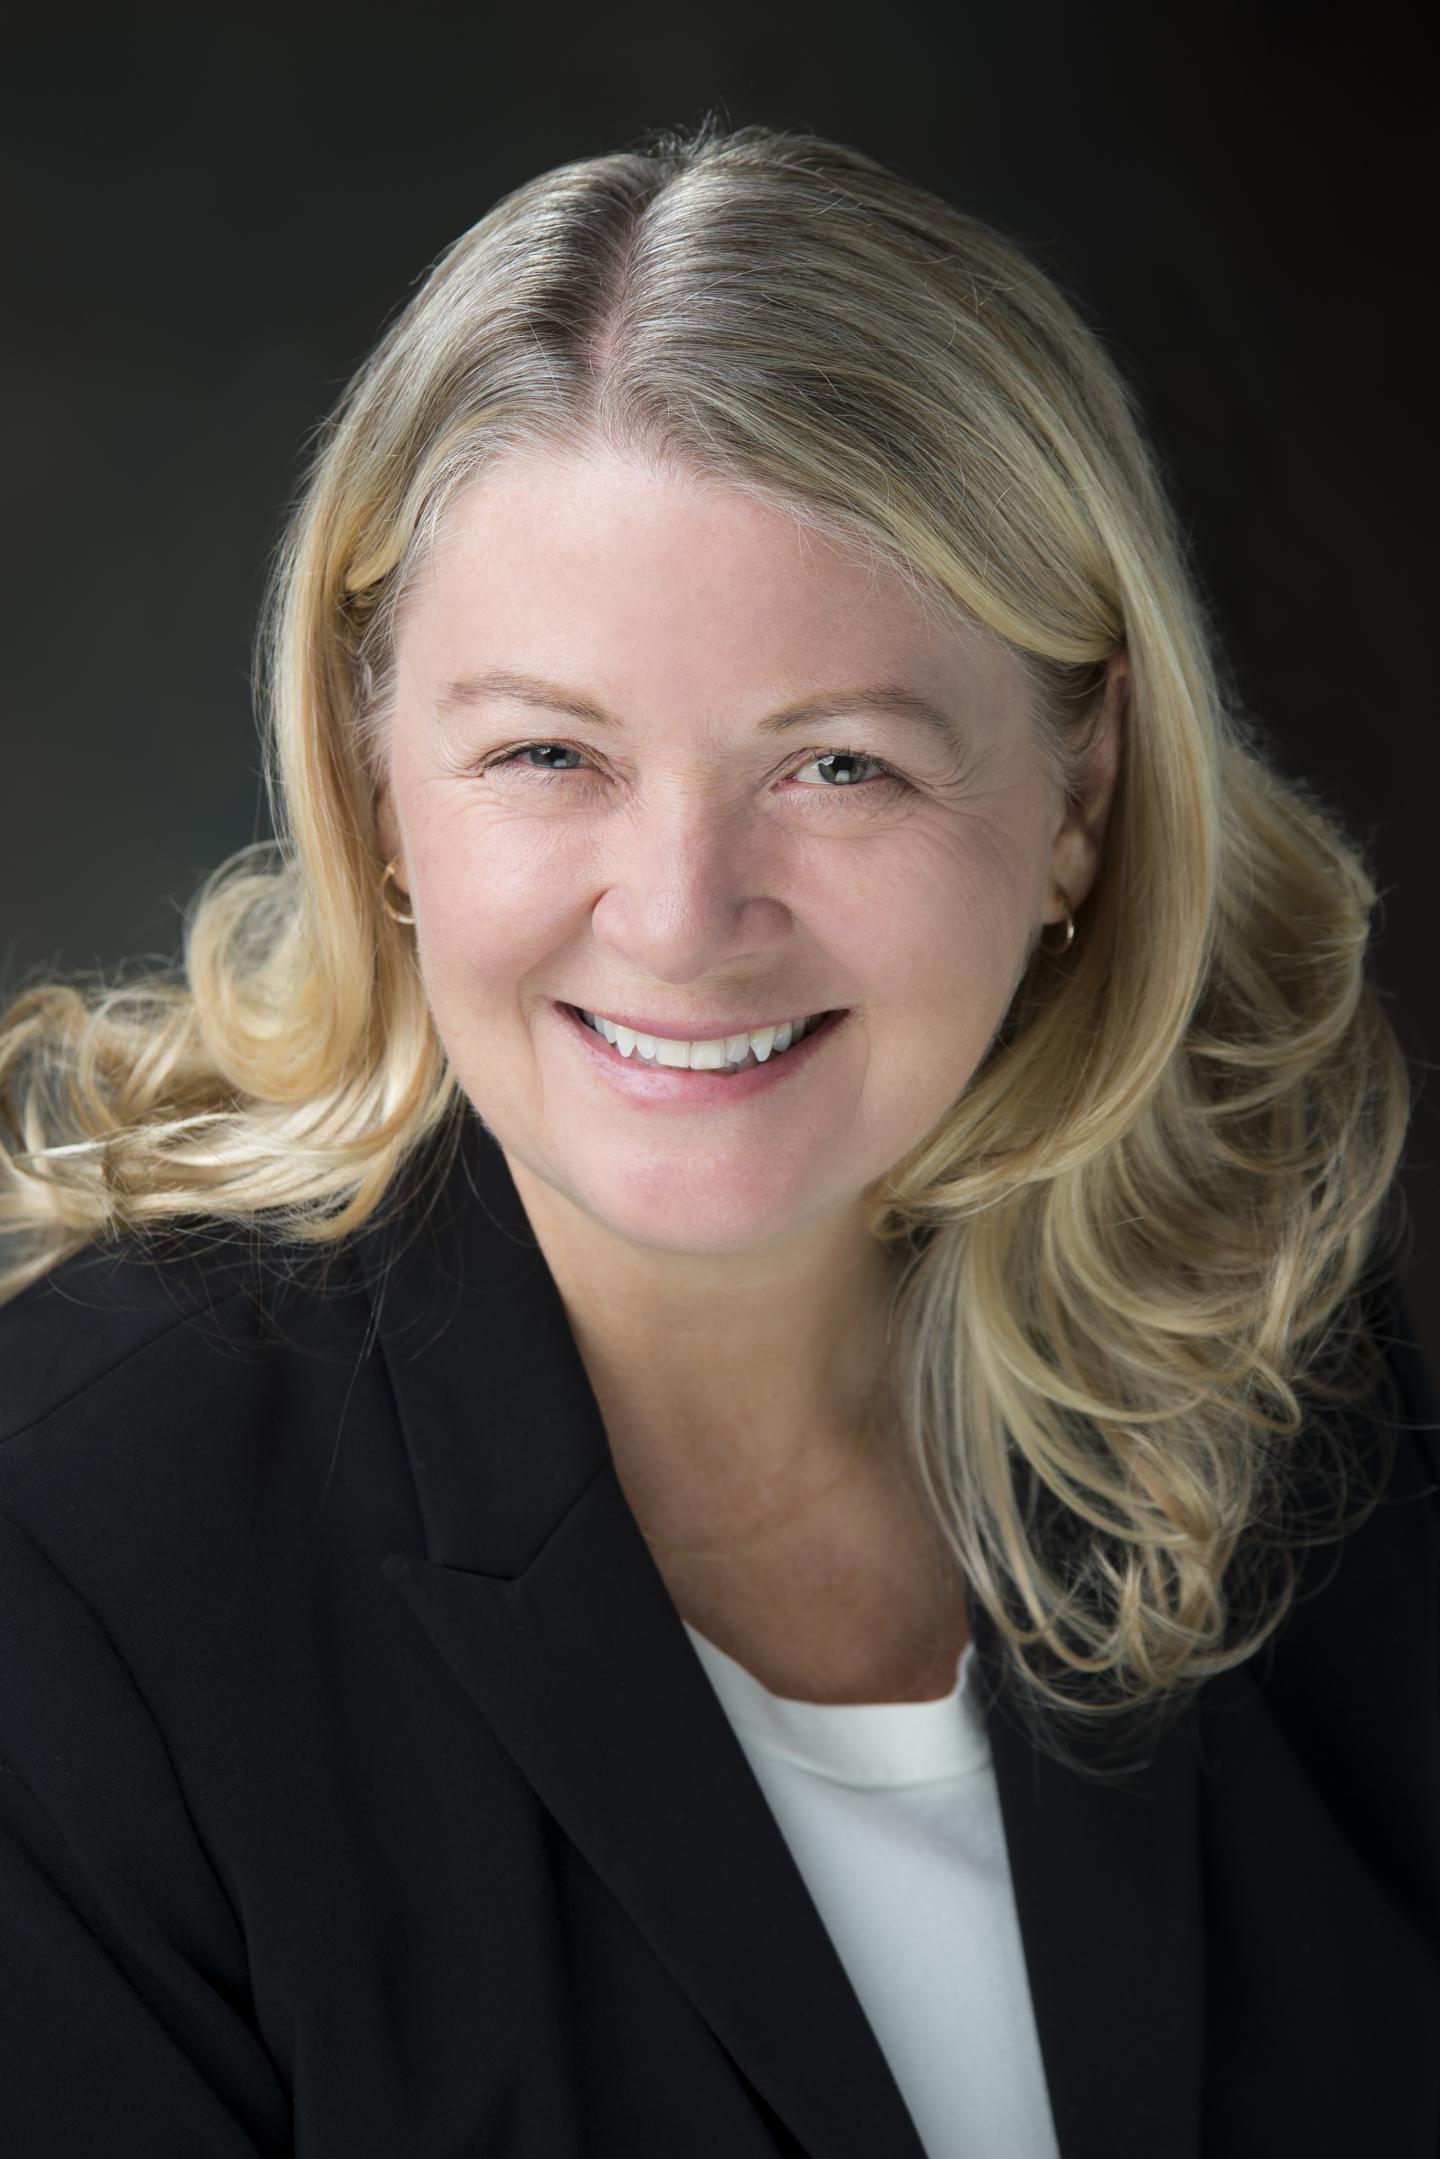 Karen Palmer, Simon Frasier University